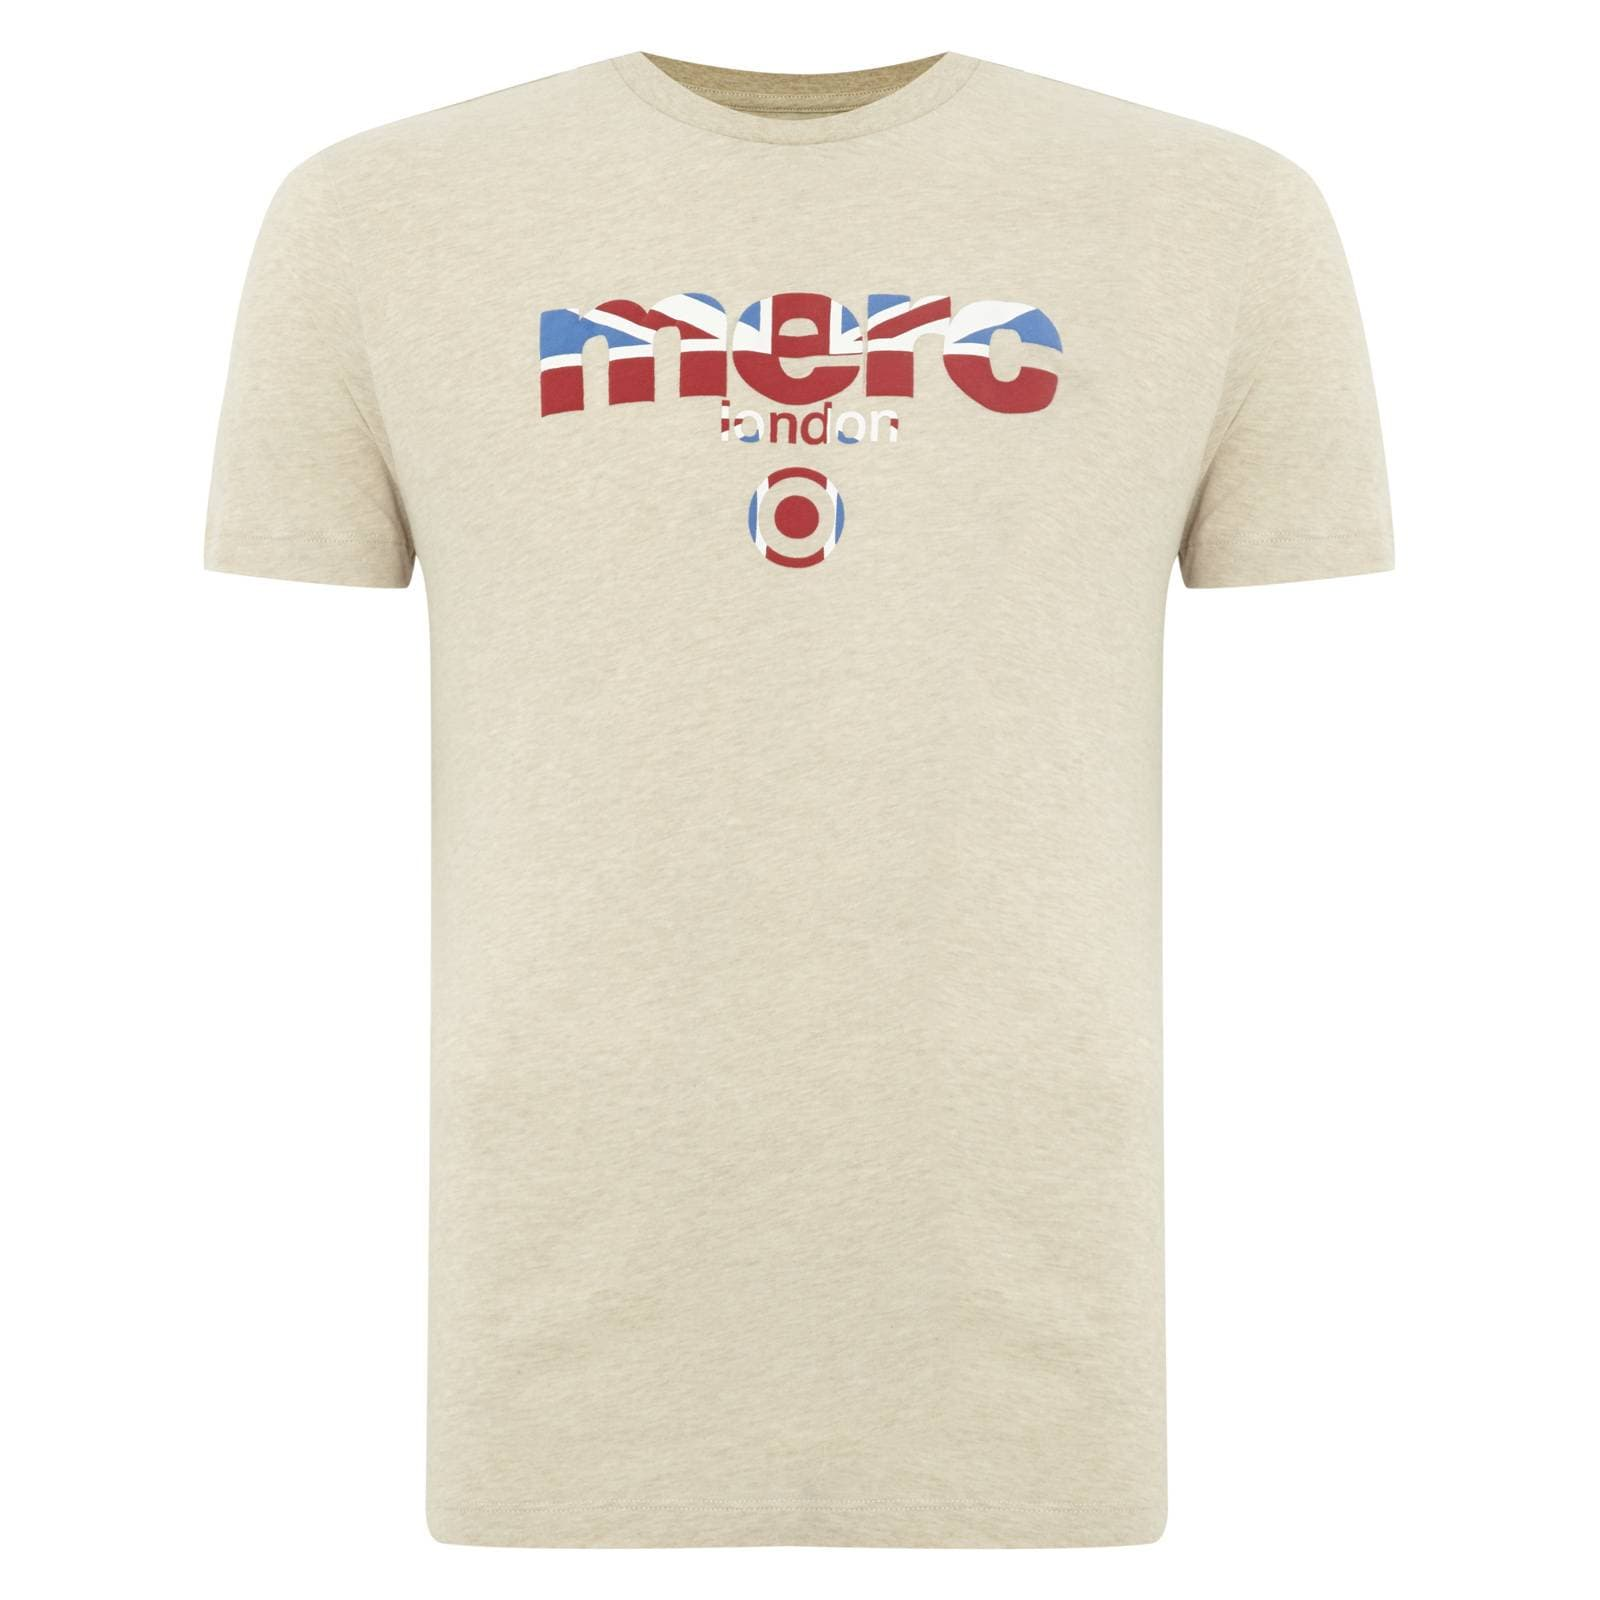 Футболка BroadwellФутболки<br>Яркая футболка всесезонной базовой линии &amp;amp;quot;Core&amp;amp;quot; с классическим логотипом Merc, украшенным Union Jack. Высокое качество нанесения принта исключает его облезание в результате стирок. Трехцветный Британский флаг позволяет легко комбинировать эту футболку со множеством вариантов джинсов, шорт, обуви и брюк в различных цветовых решениях. Отлично сочетается с олимпийками, кардиганами и верхней одеждой. Произведено в Европейском Союзе<br><br>Артикул: 1709210<br>Материал: 100% хлопок<br>Цвет: бежевый<br>Пол: Мужской